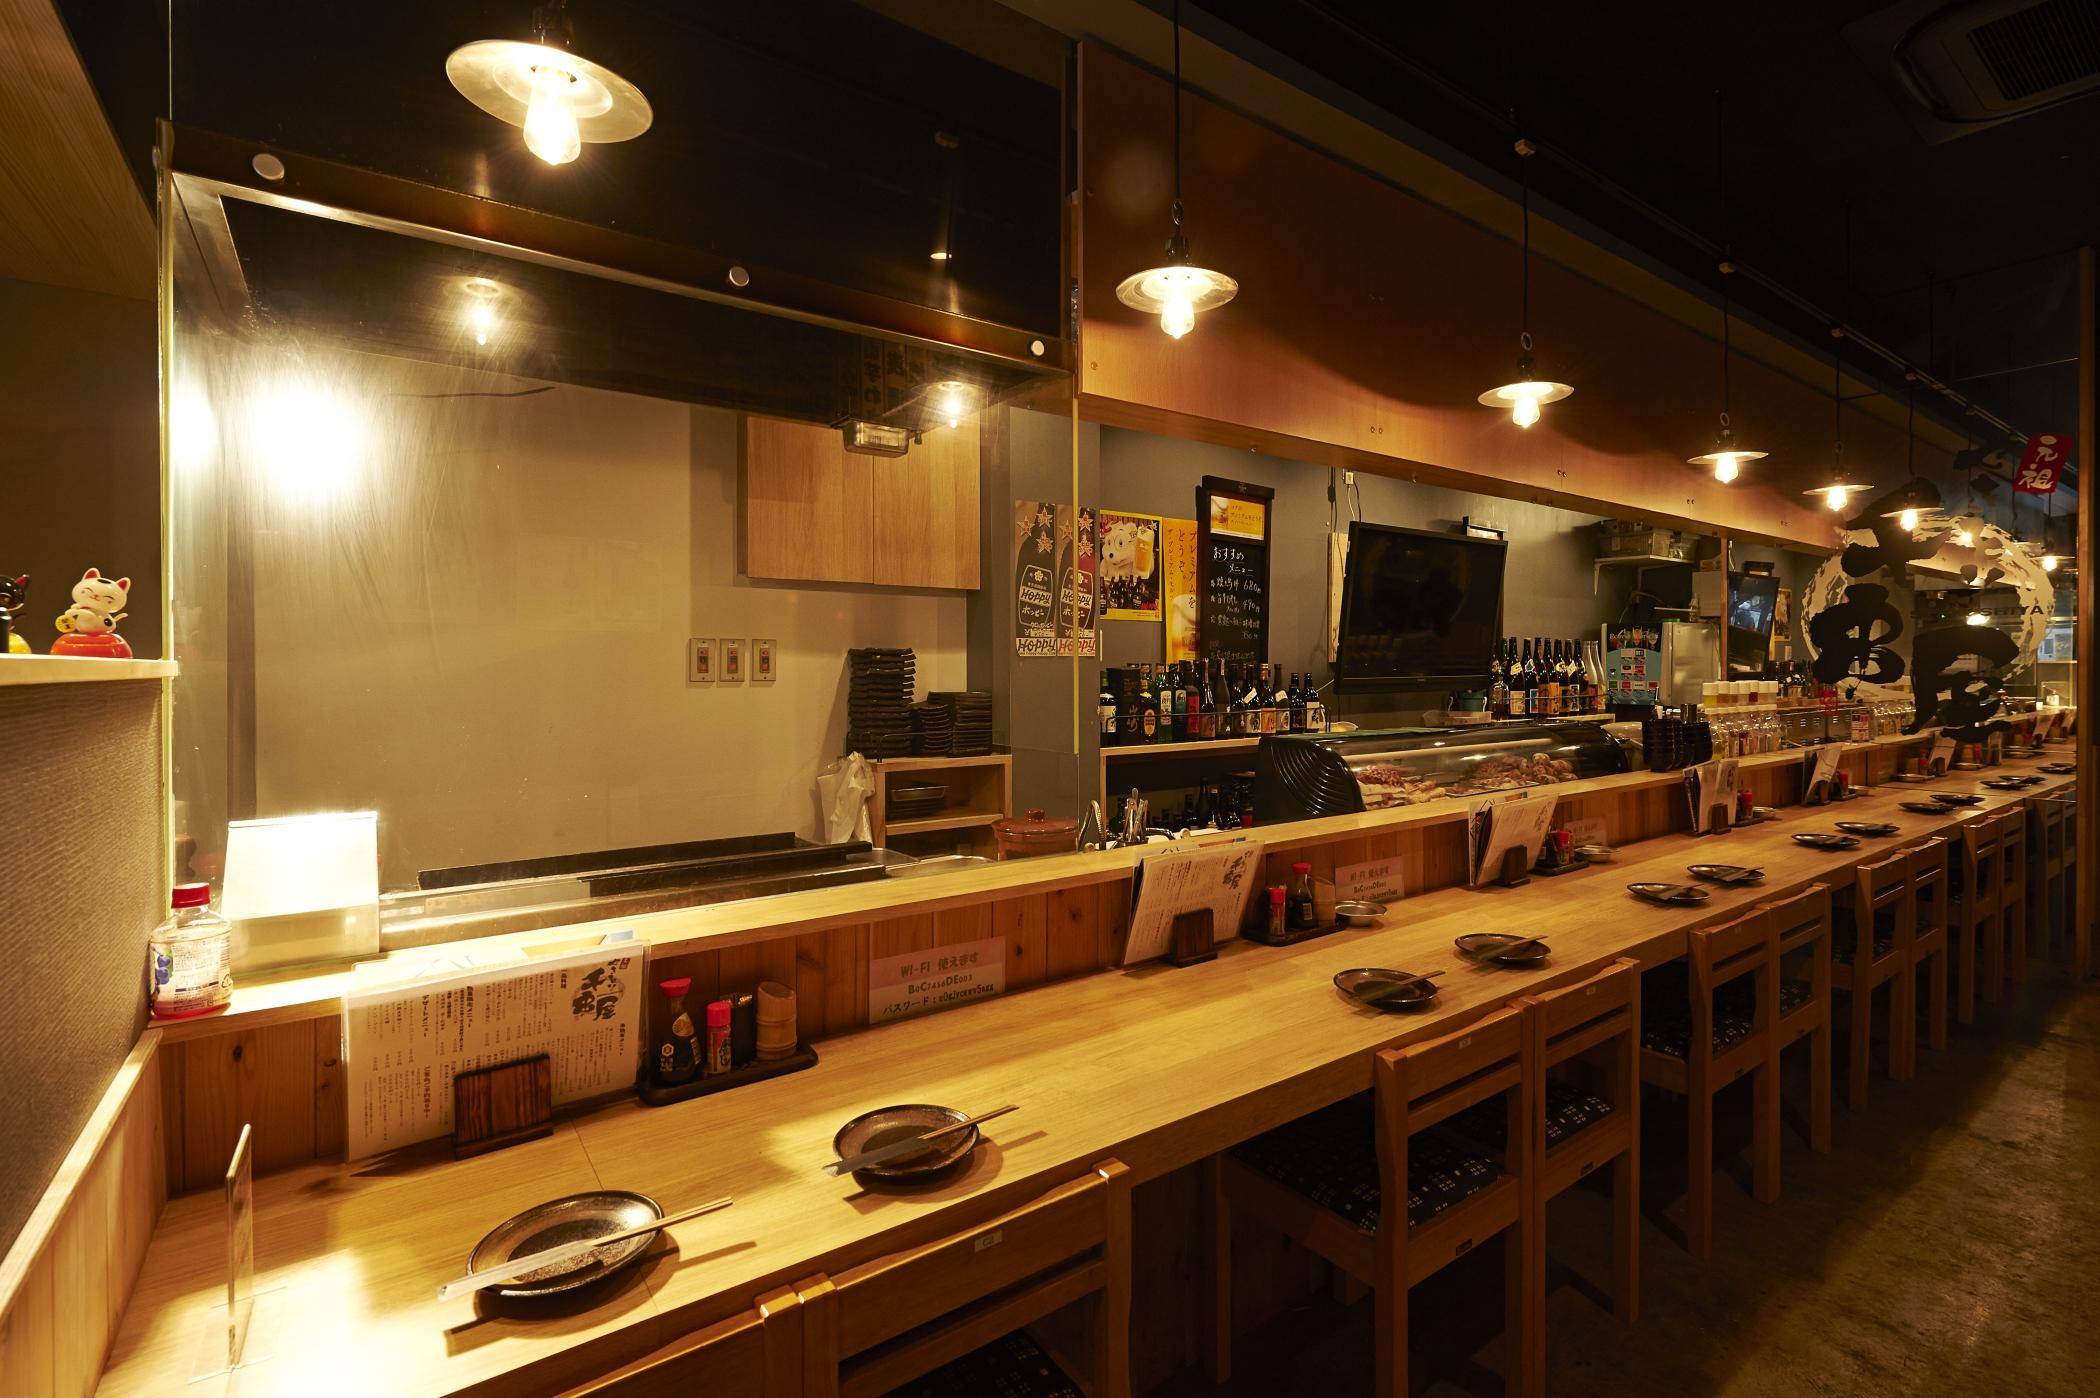 全国に盛業店舗が75店舗ある「千串屋」が、焼鳥屋で勝ち抜いてきた開業のコツ!